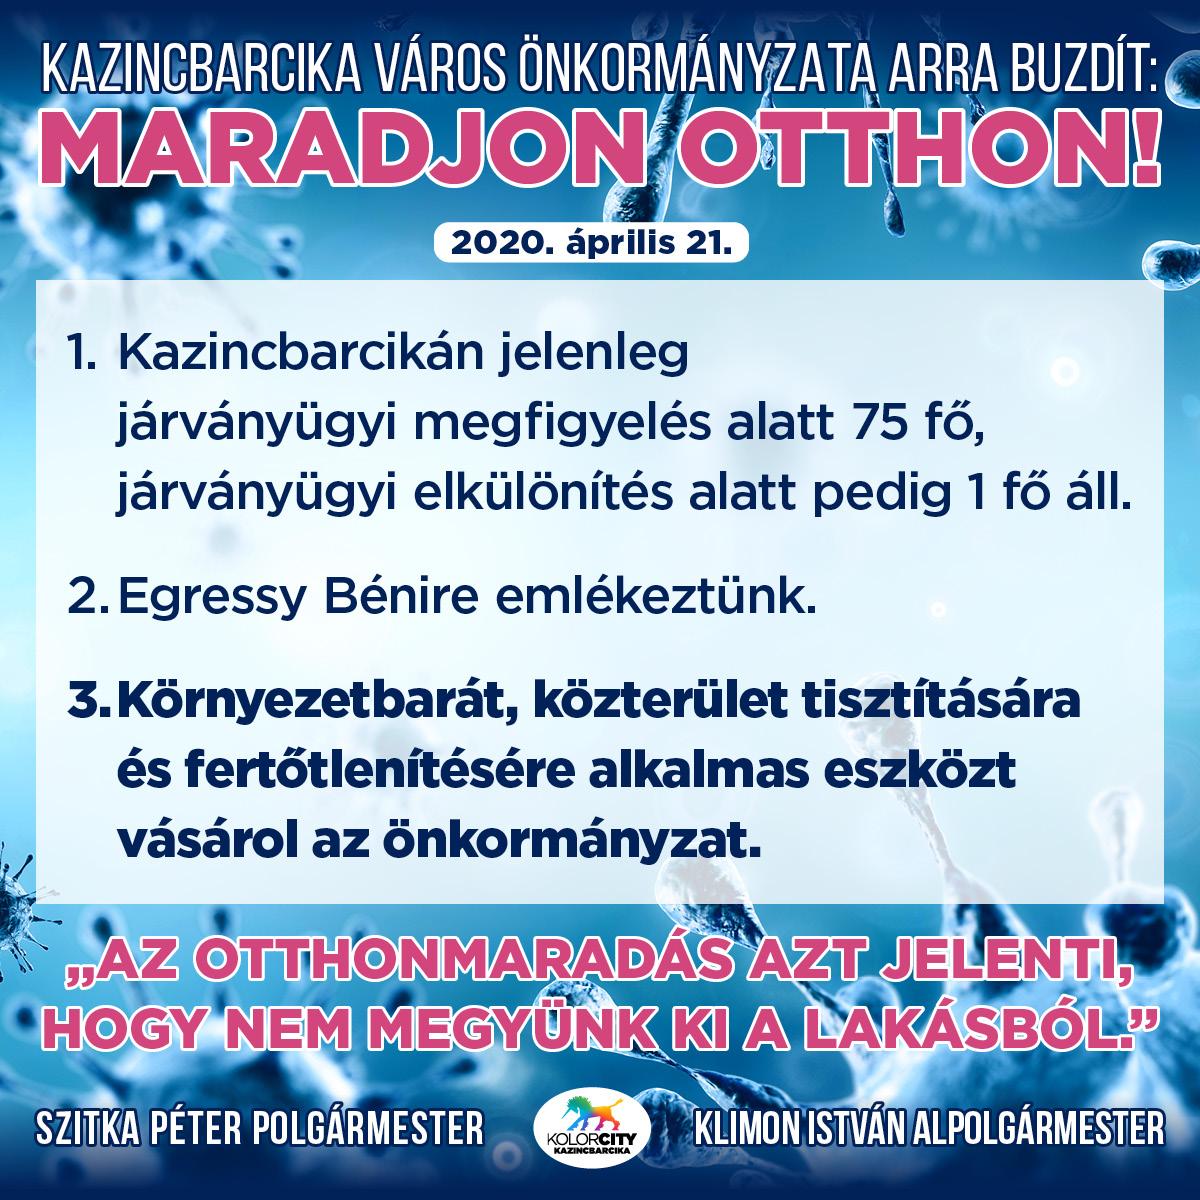 https://kolorline.hu/Kazincbarcika Város Önkormányzata arra buzdít: Maradj otthon! – 2020. április 21.